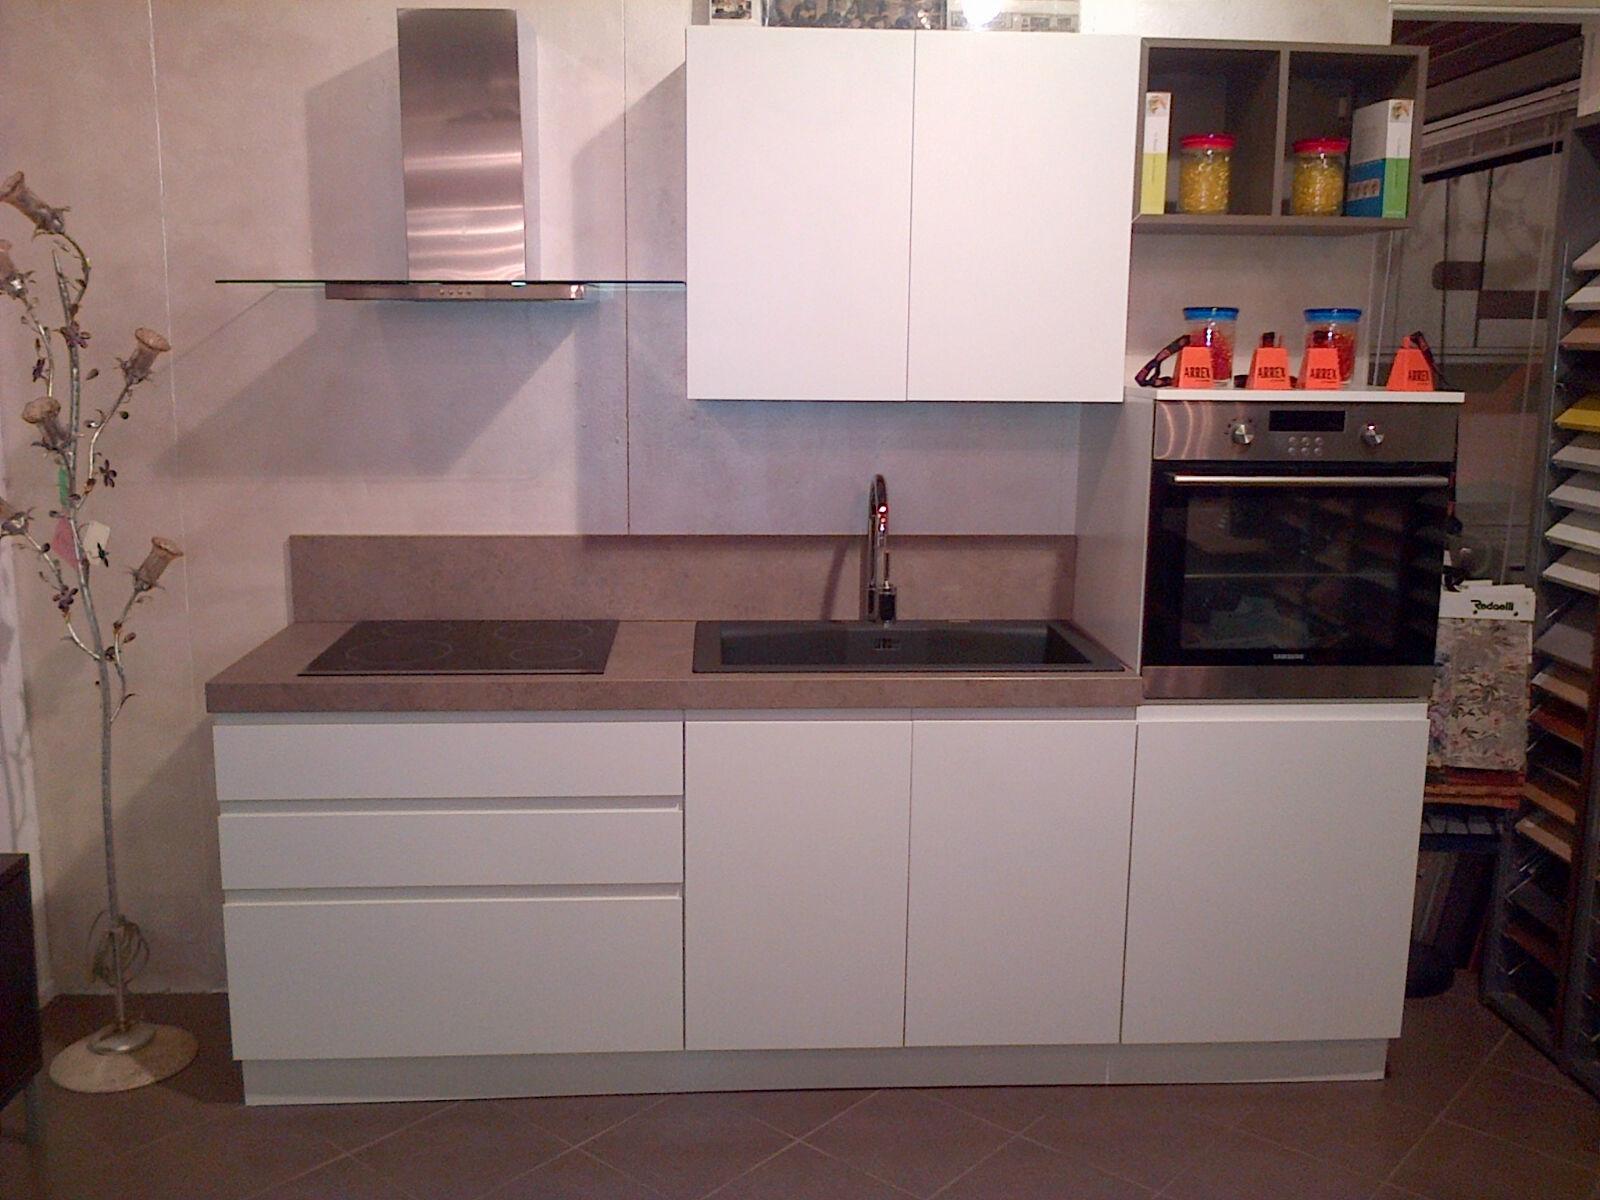 Cucina laccata bianca opaca modello arcobaleno di ar due - Top cucina porfido ...